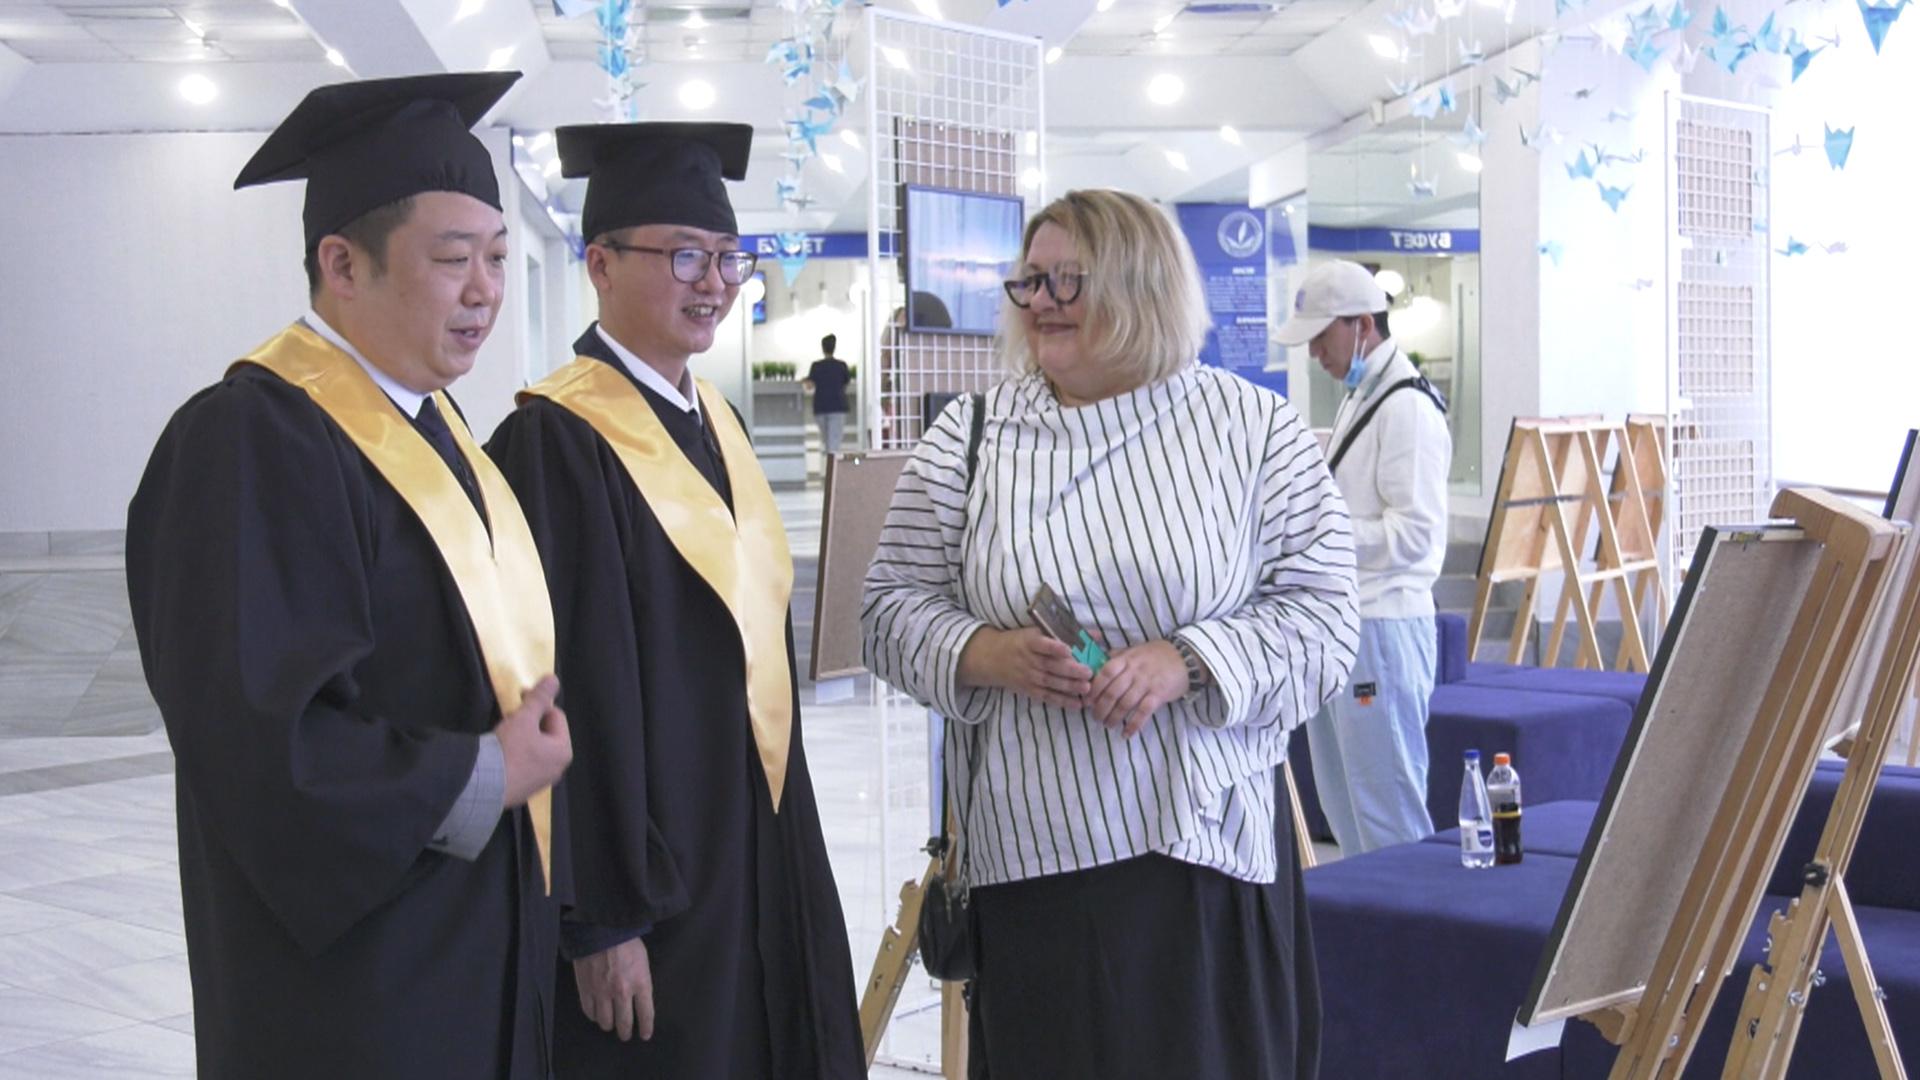 kitaj - Белорусы учат китайцев на английском (видео)